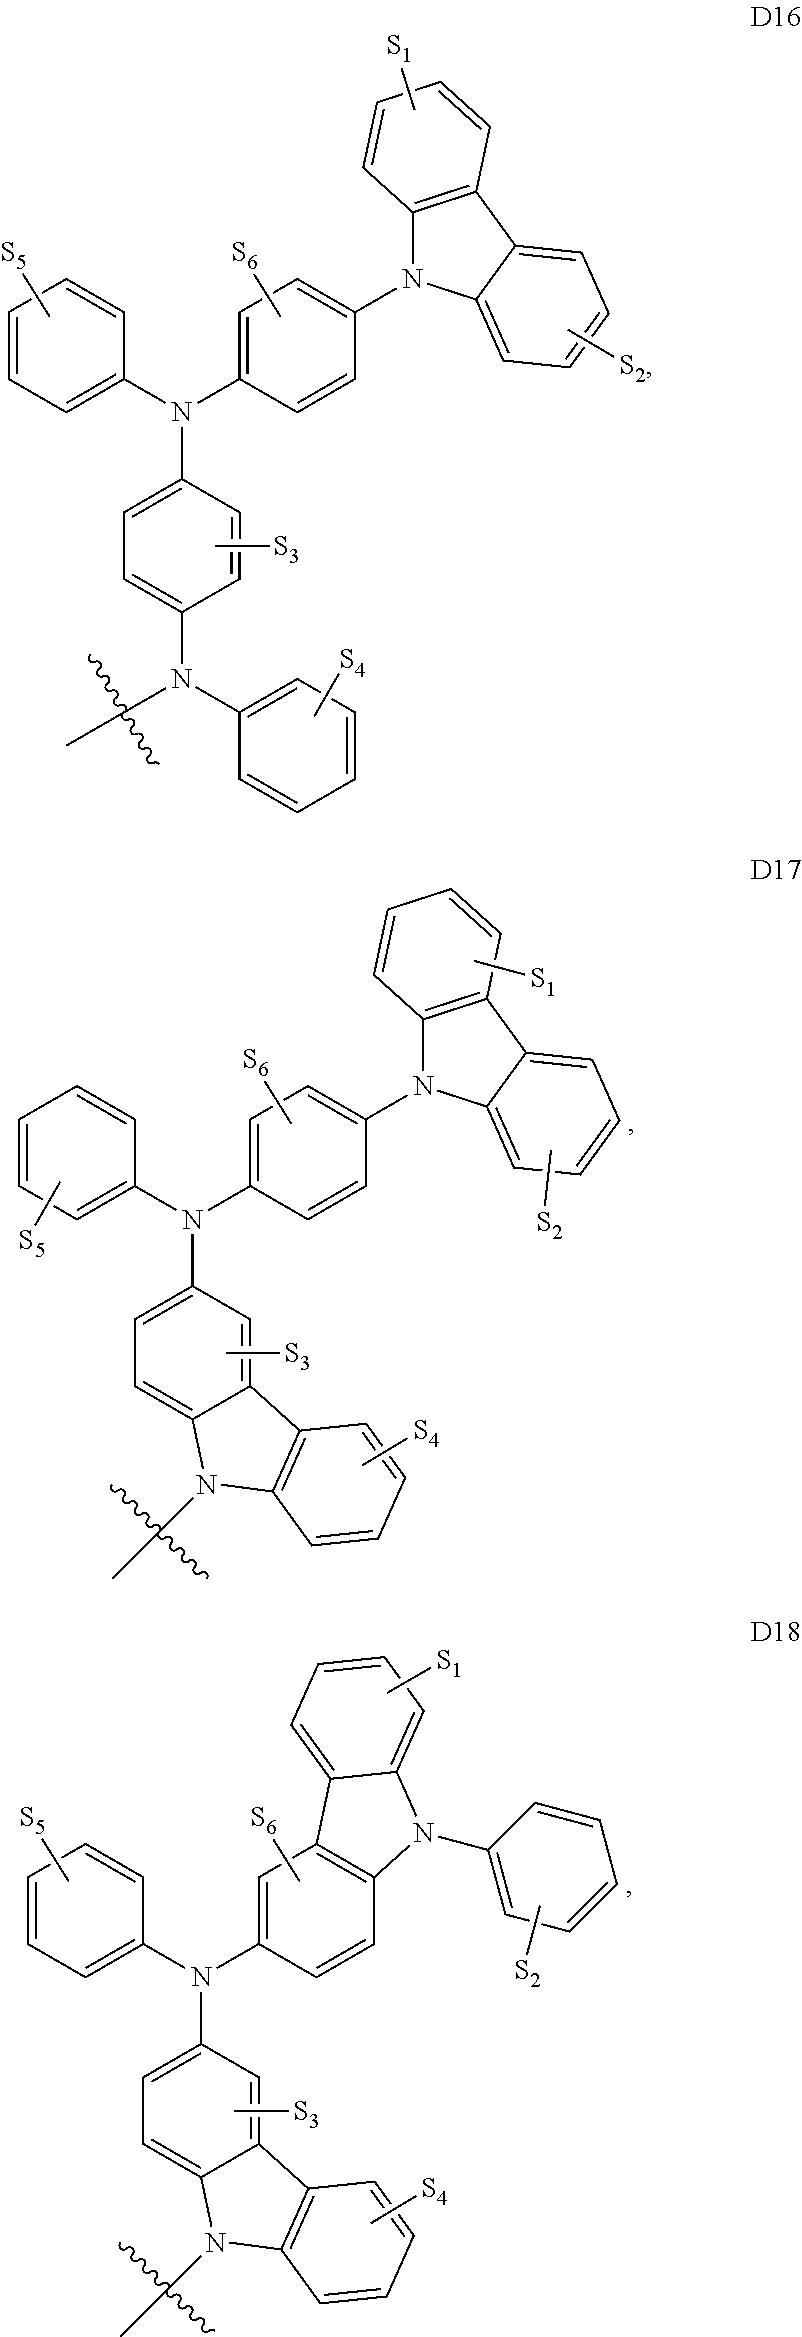 Figure US09537106-20170103-C00125